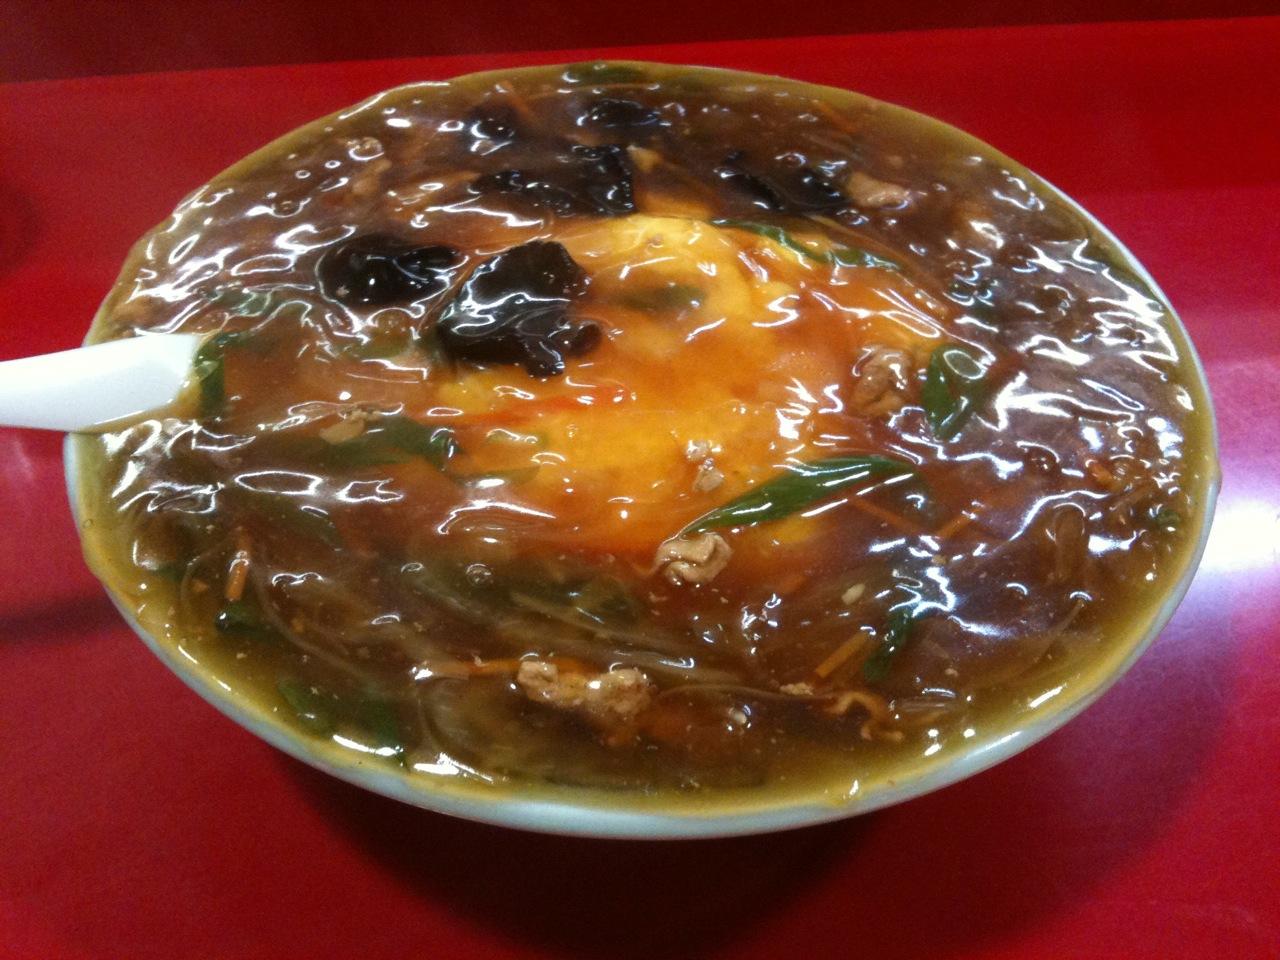 天津飯の画像 p1_33